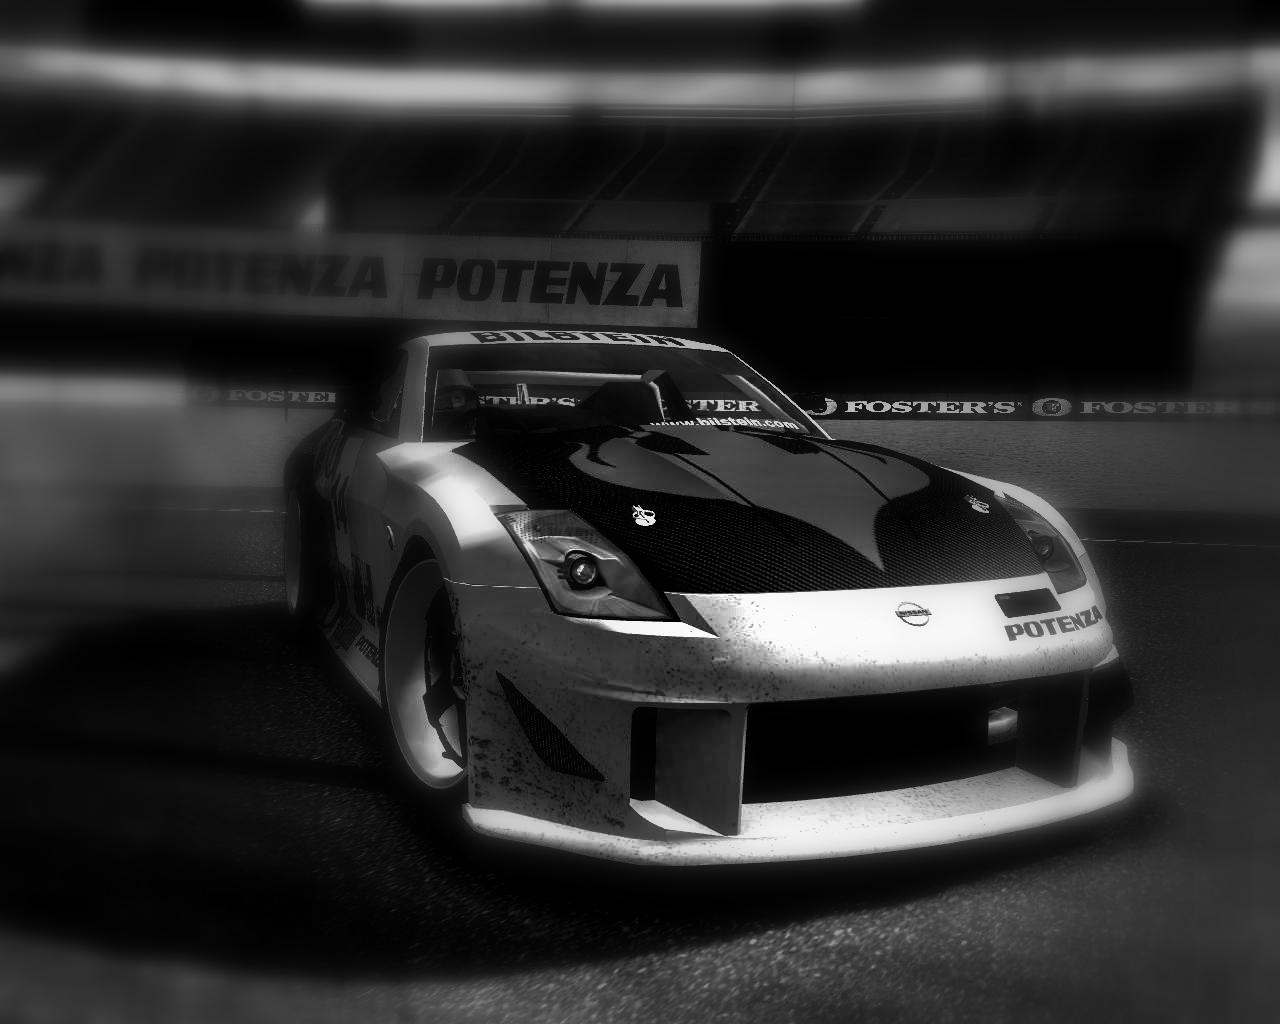 http://2.bp.blogspot.com/-SwctHvHs2VU/T-7MgR5HyjI/AAAAAAAAADs/mmUHd8RtUdI/s1600/Nissan-350z-racing.JPG